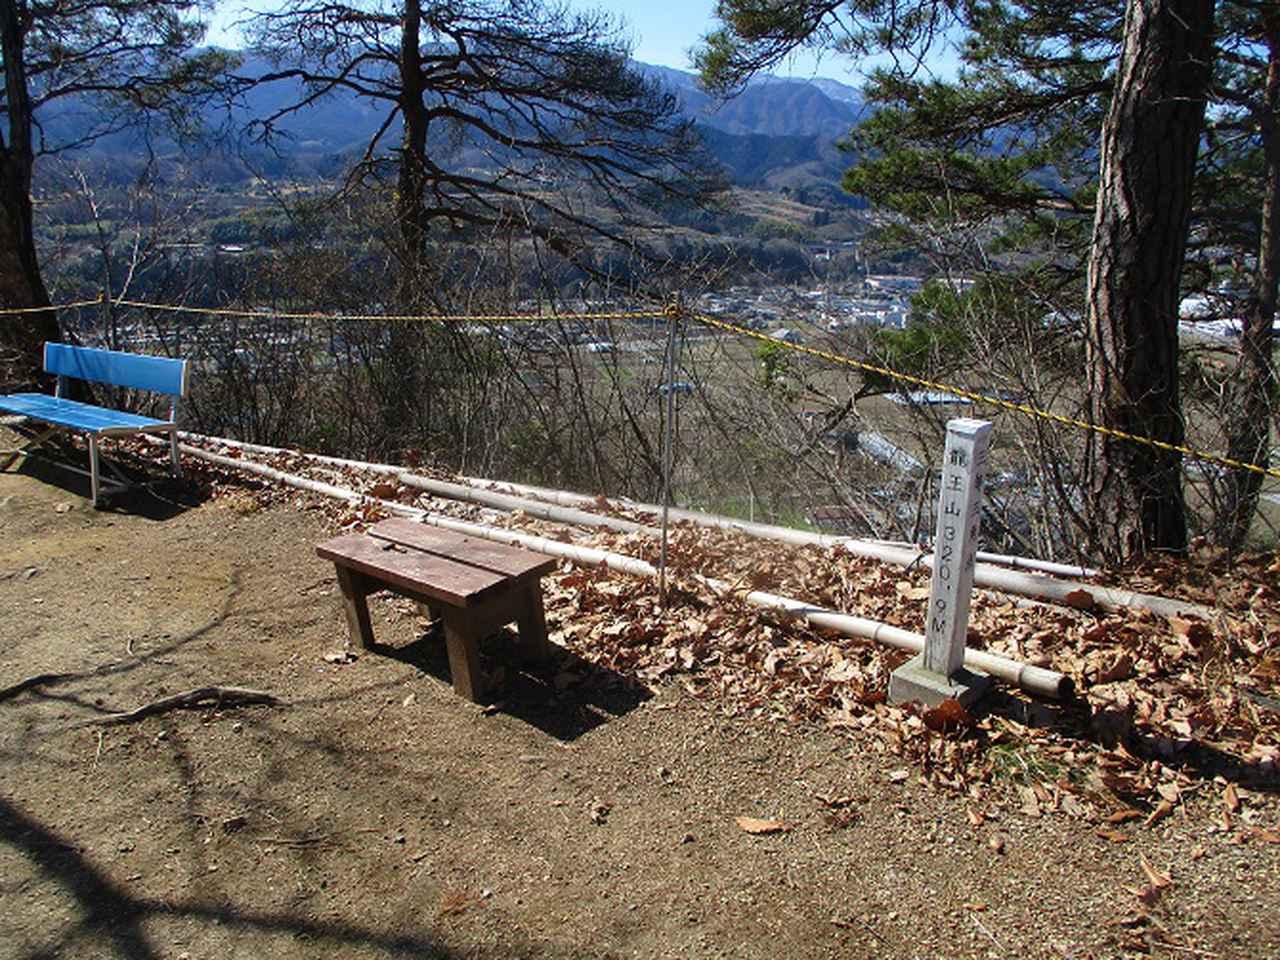 画像8: 4月の山旅会 神成山 の下見に行ってきました!